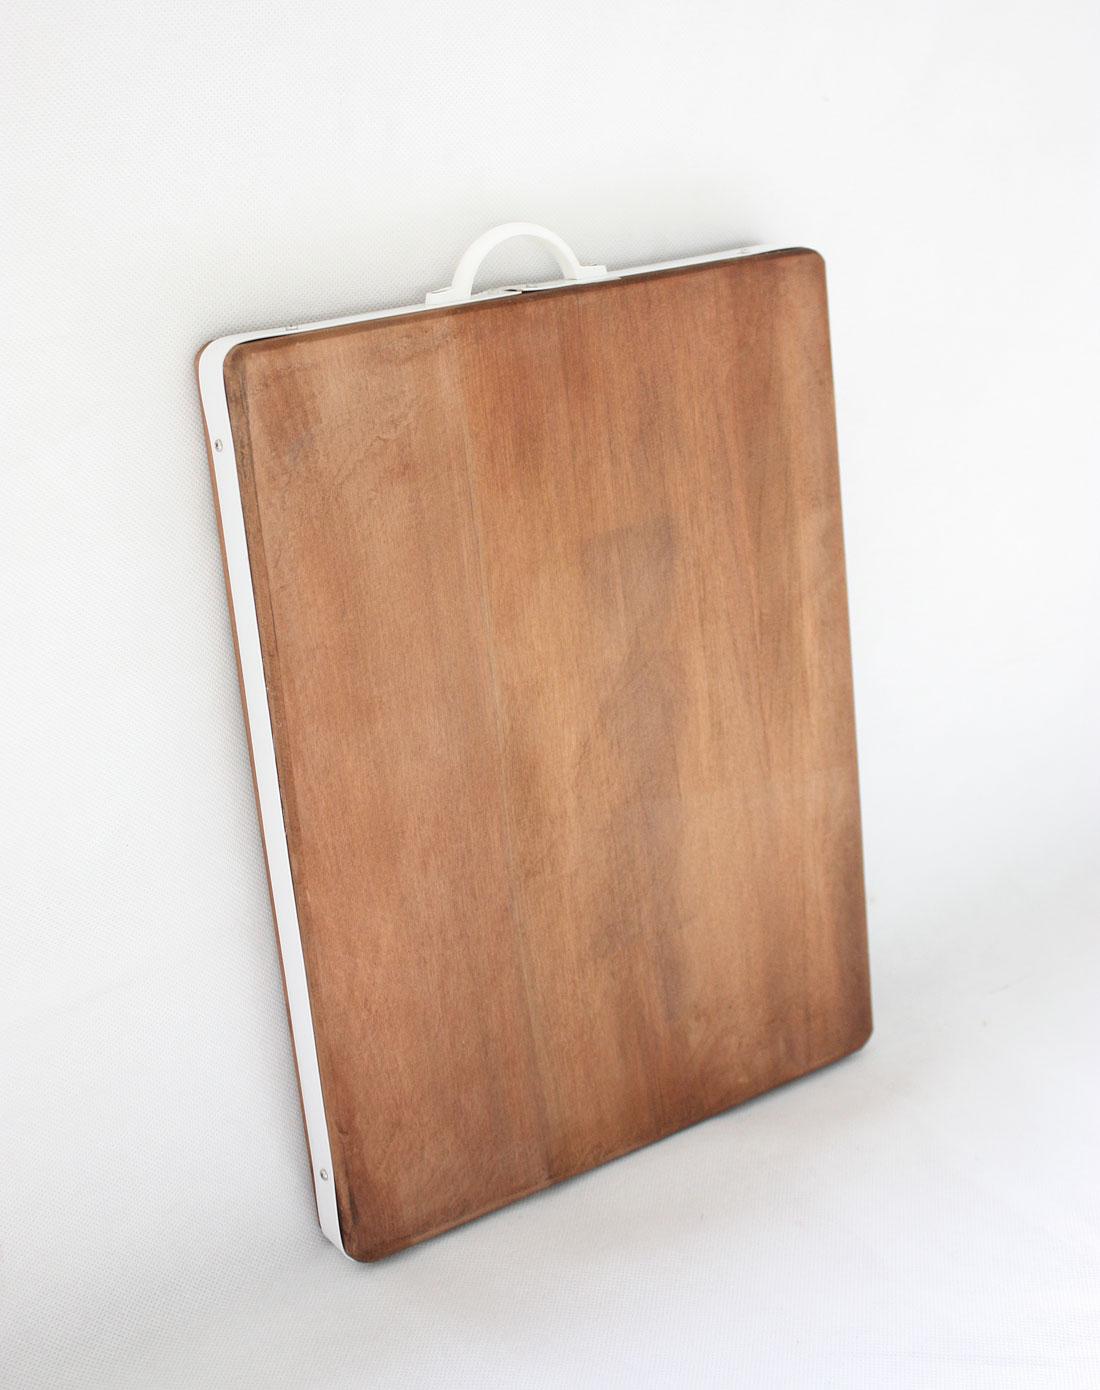 进口金檀木原木砧板(长)